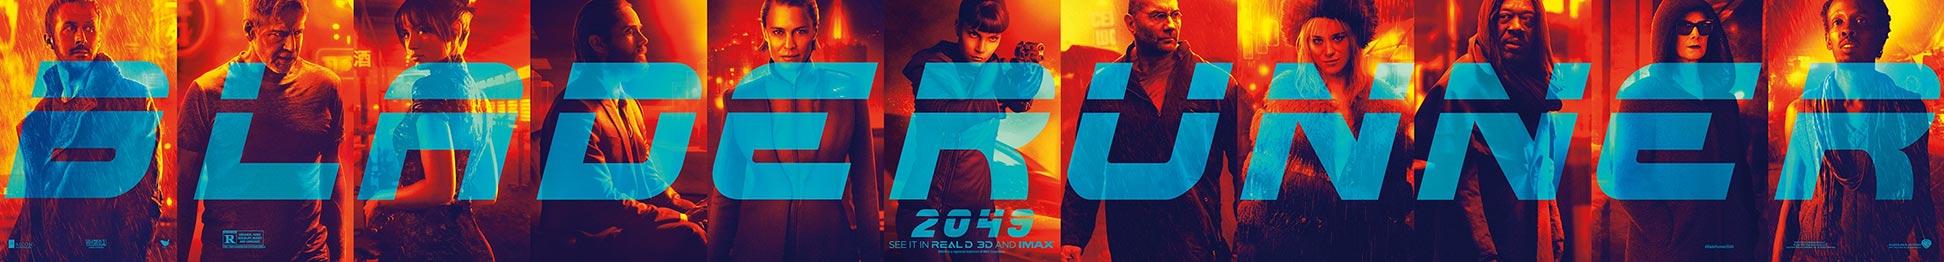 Blade Runner 2049 Poster #20